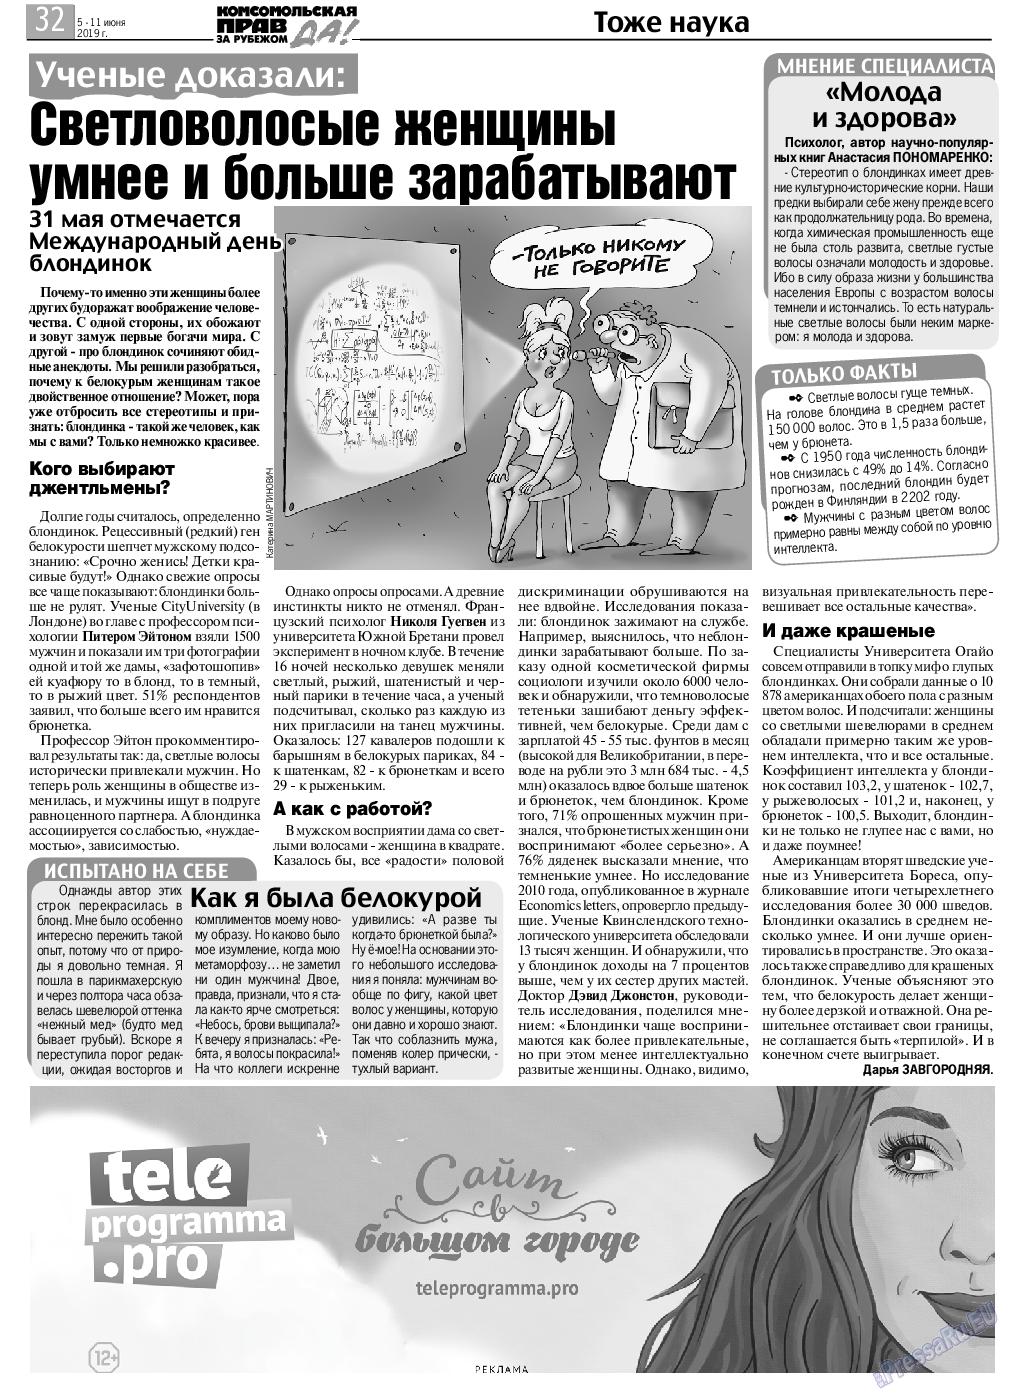 КП в Европе (газета). 2019 год, номер 23, стр. 32